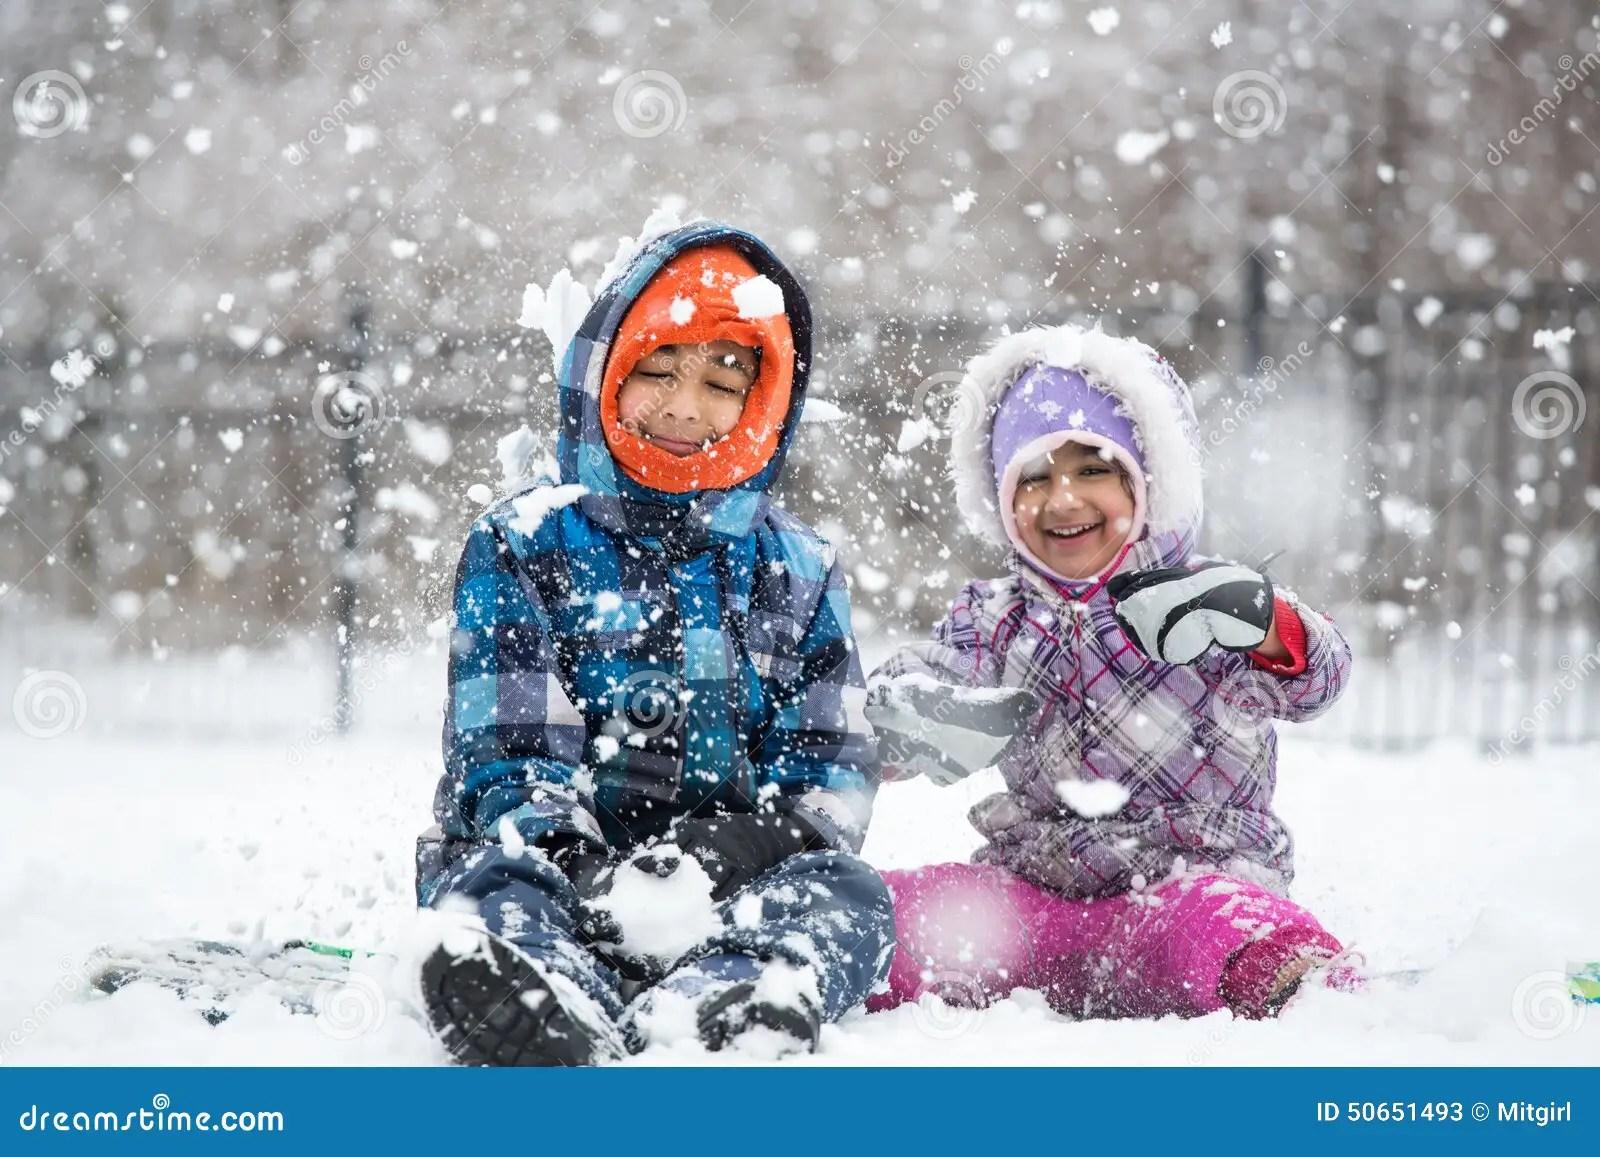 Little Children Enjoying Snowfall Stock Photo Image